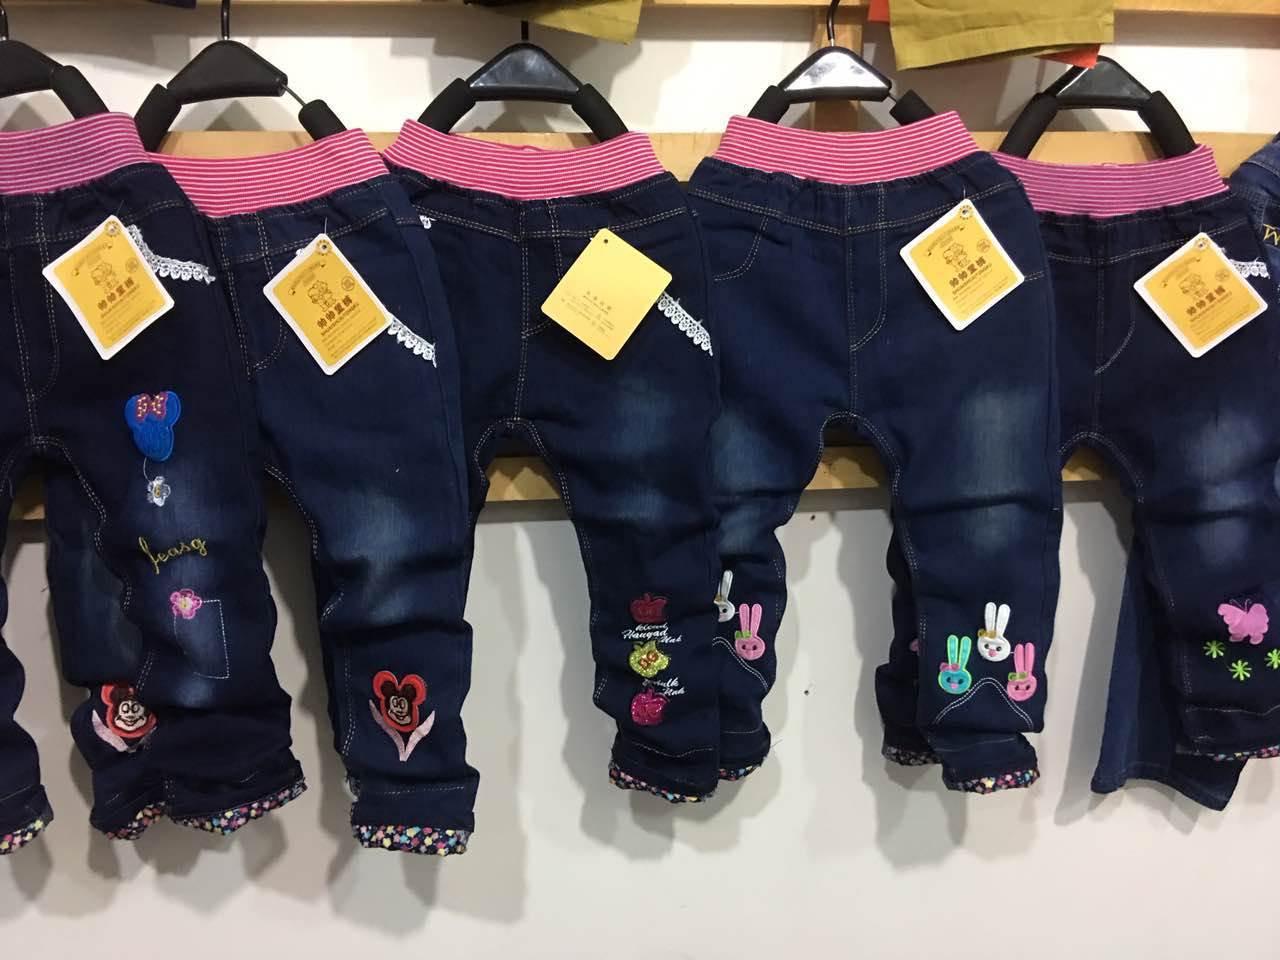 童装韩版短裤批发新款童装印花裤子批发